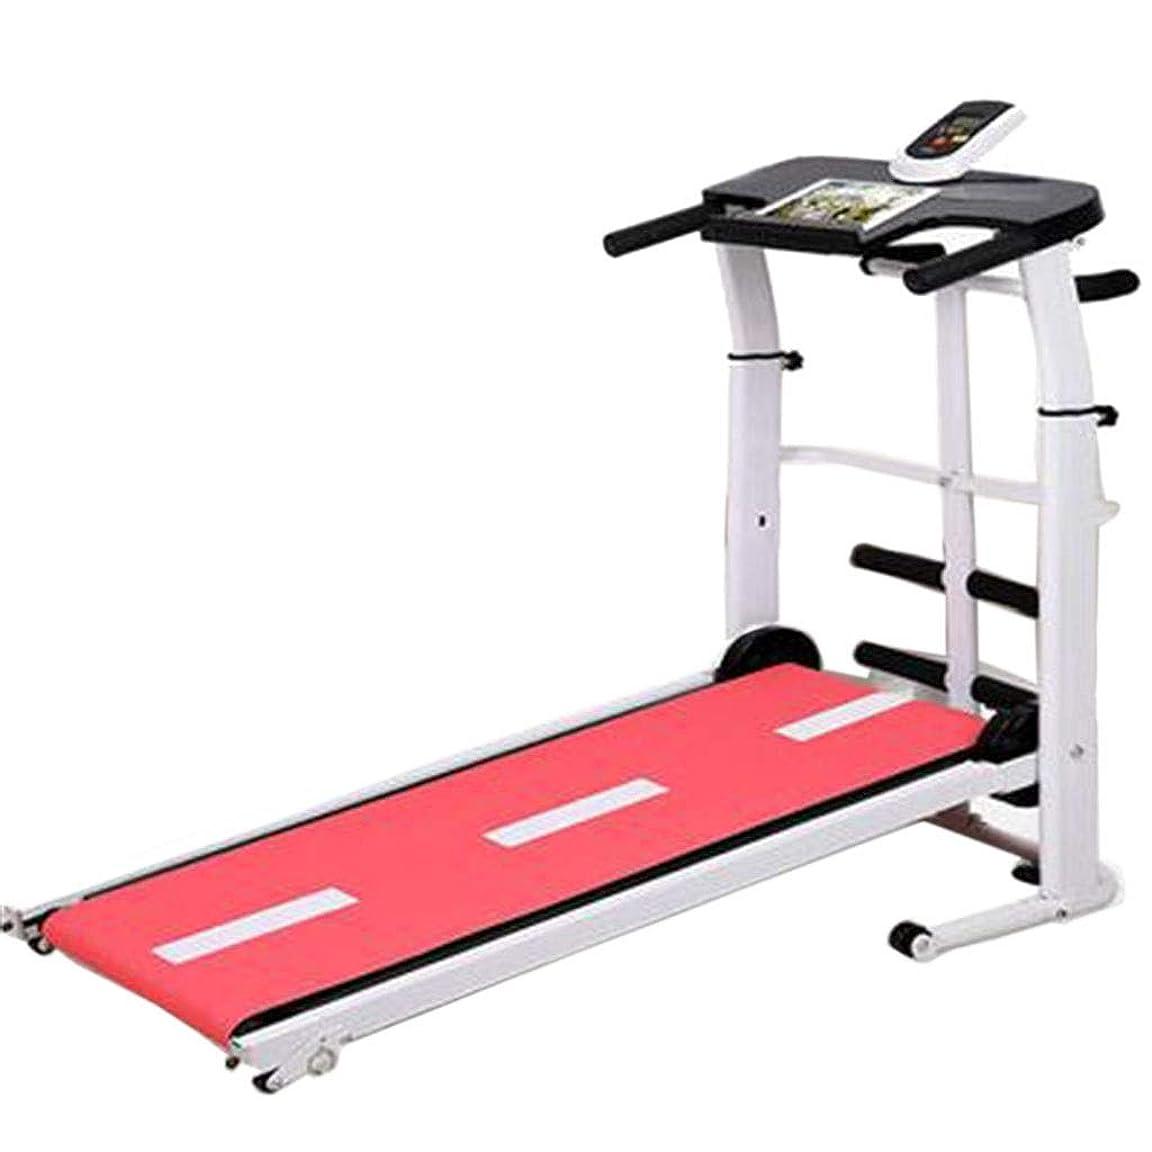 エキサイティング見分けるバウンドウォーキング?ランニングマシーン トレッドミル折りたたみ機械トレッドミル多機能腹筋ランニングマシン (Color : Pink, Size : 120*59*19cm)